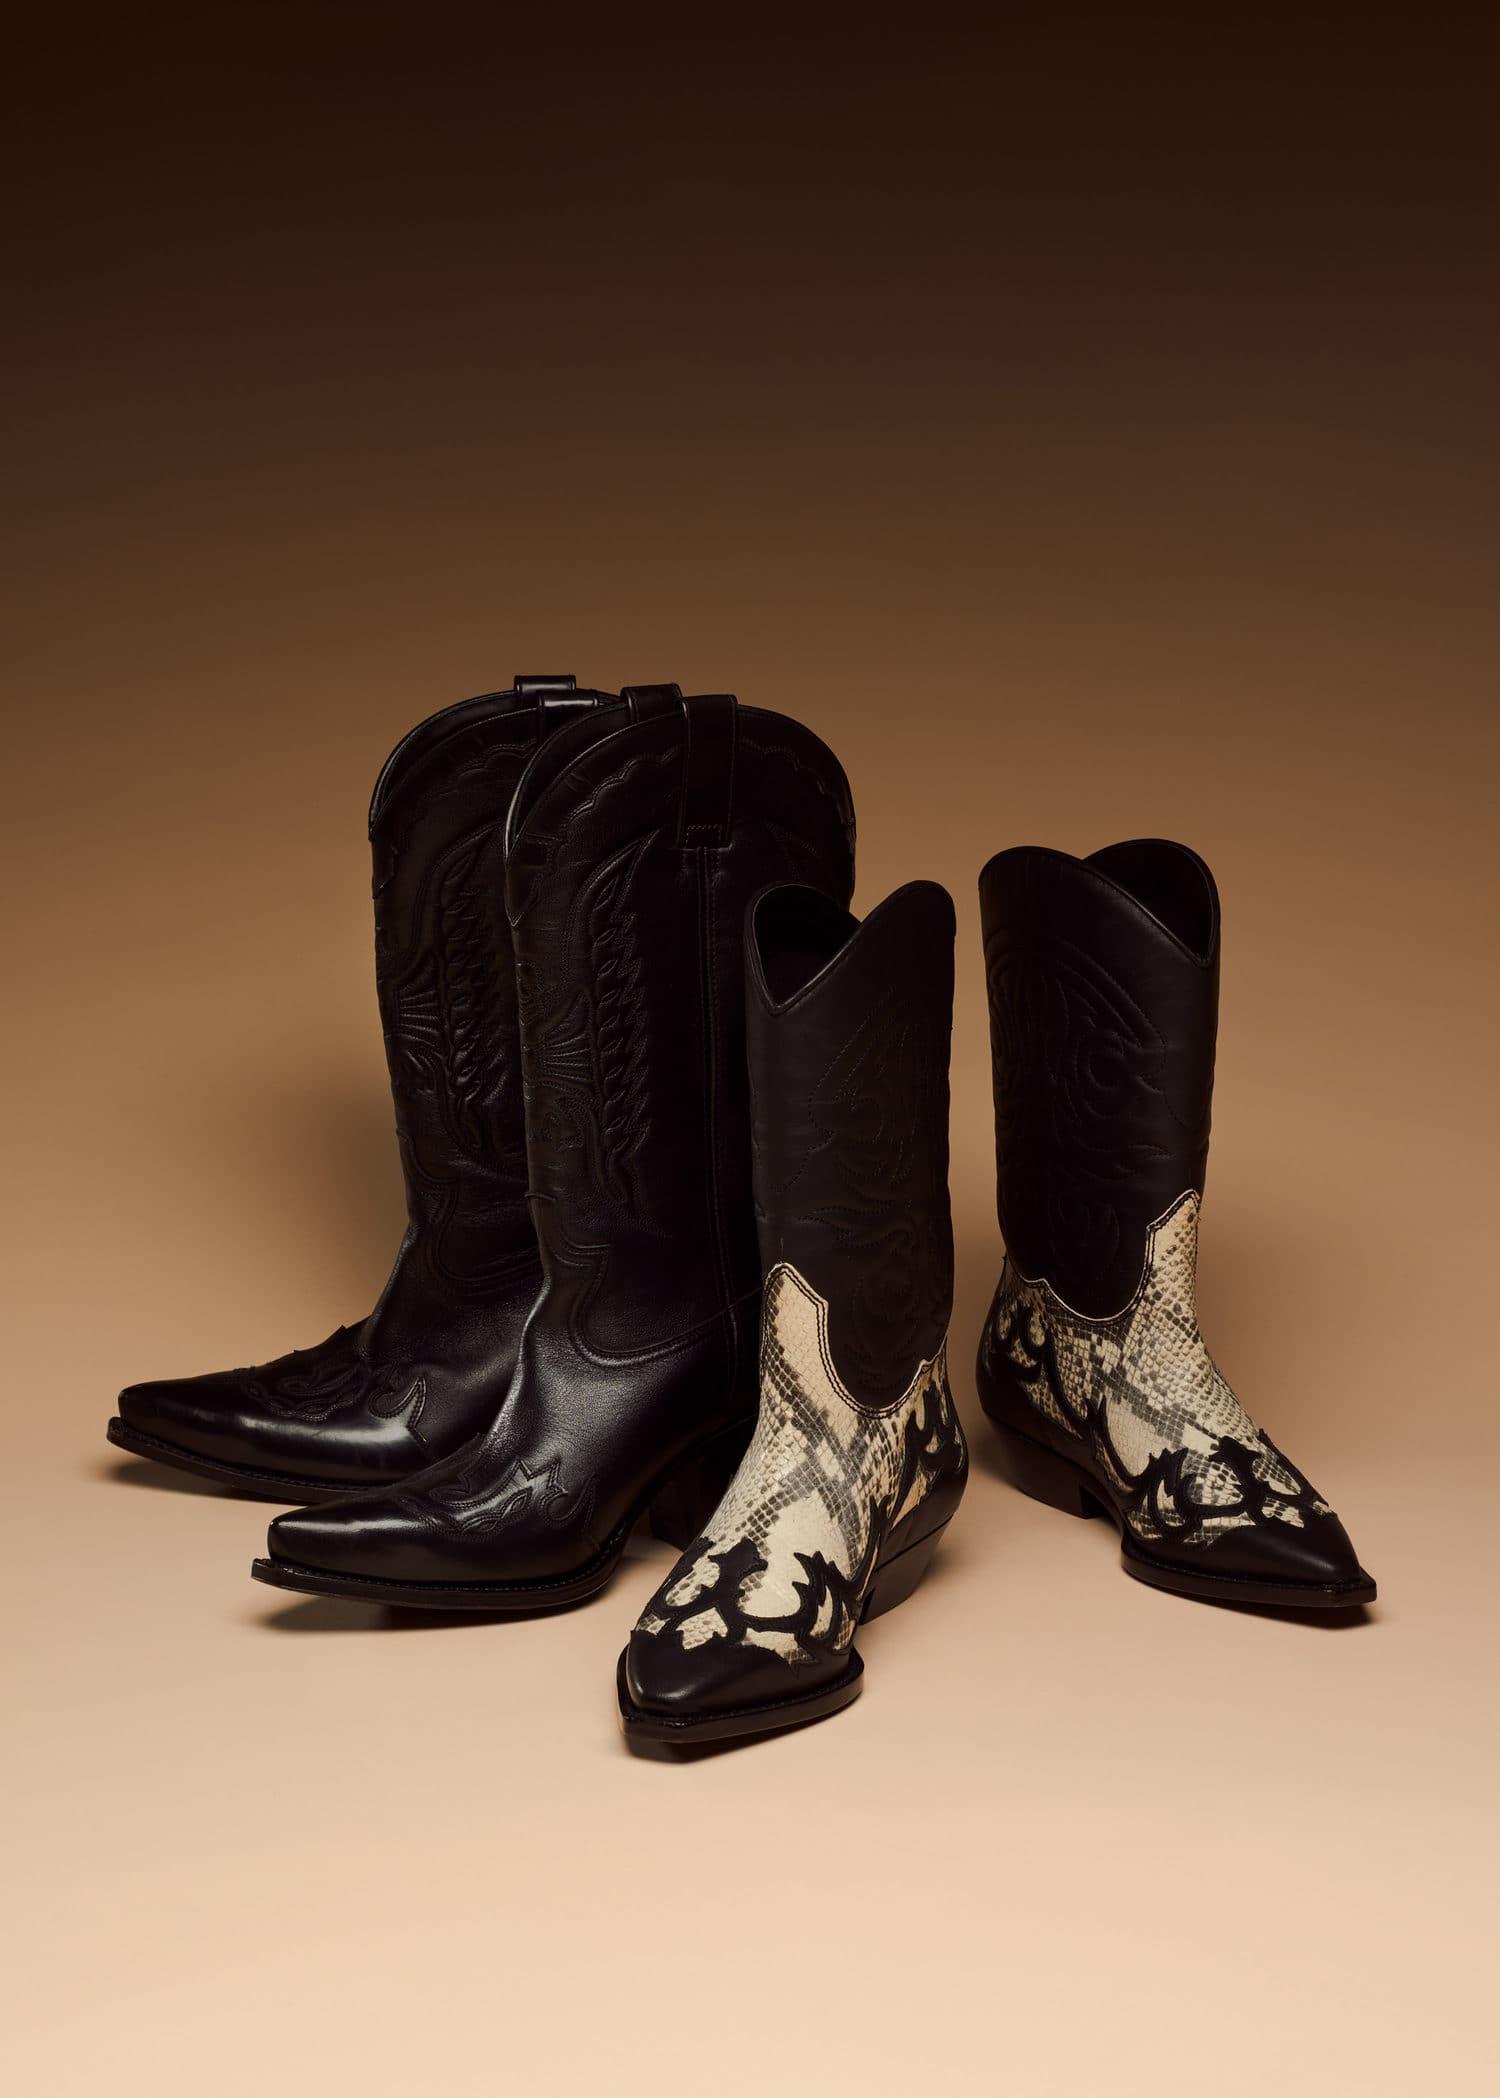 et Femme Chaussure pour 2019Mango bottin Boot France tdCshQr